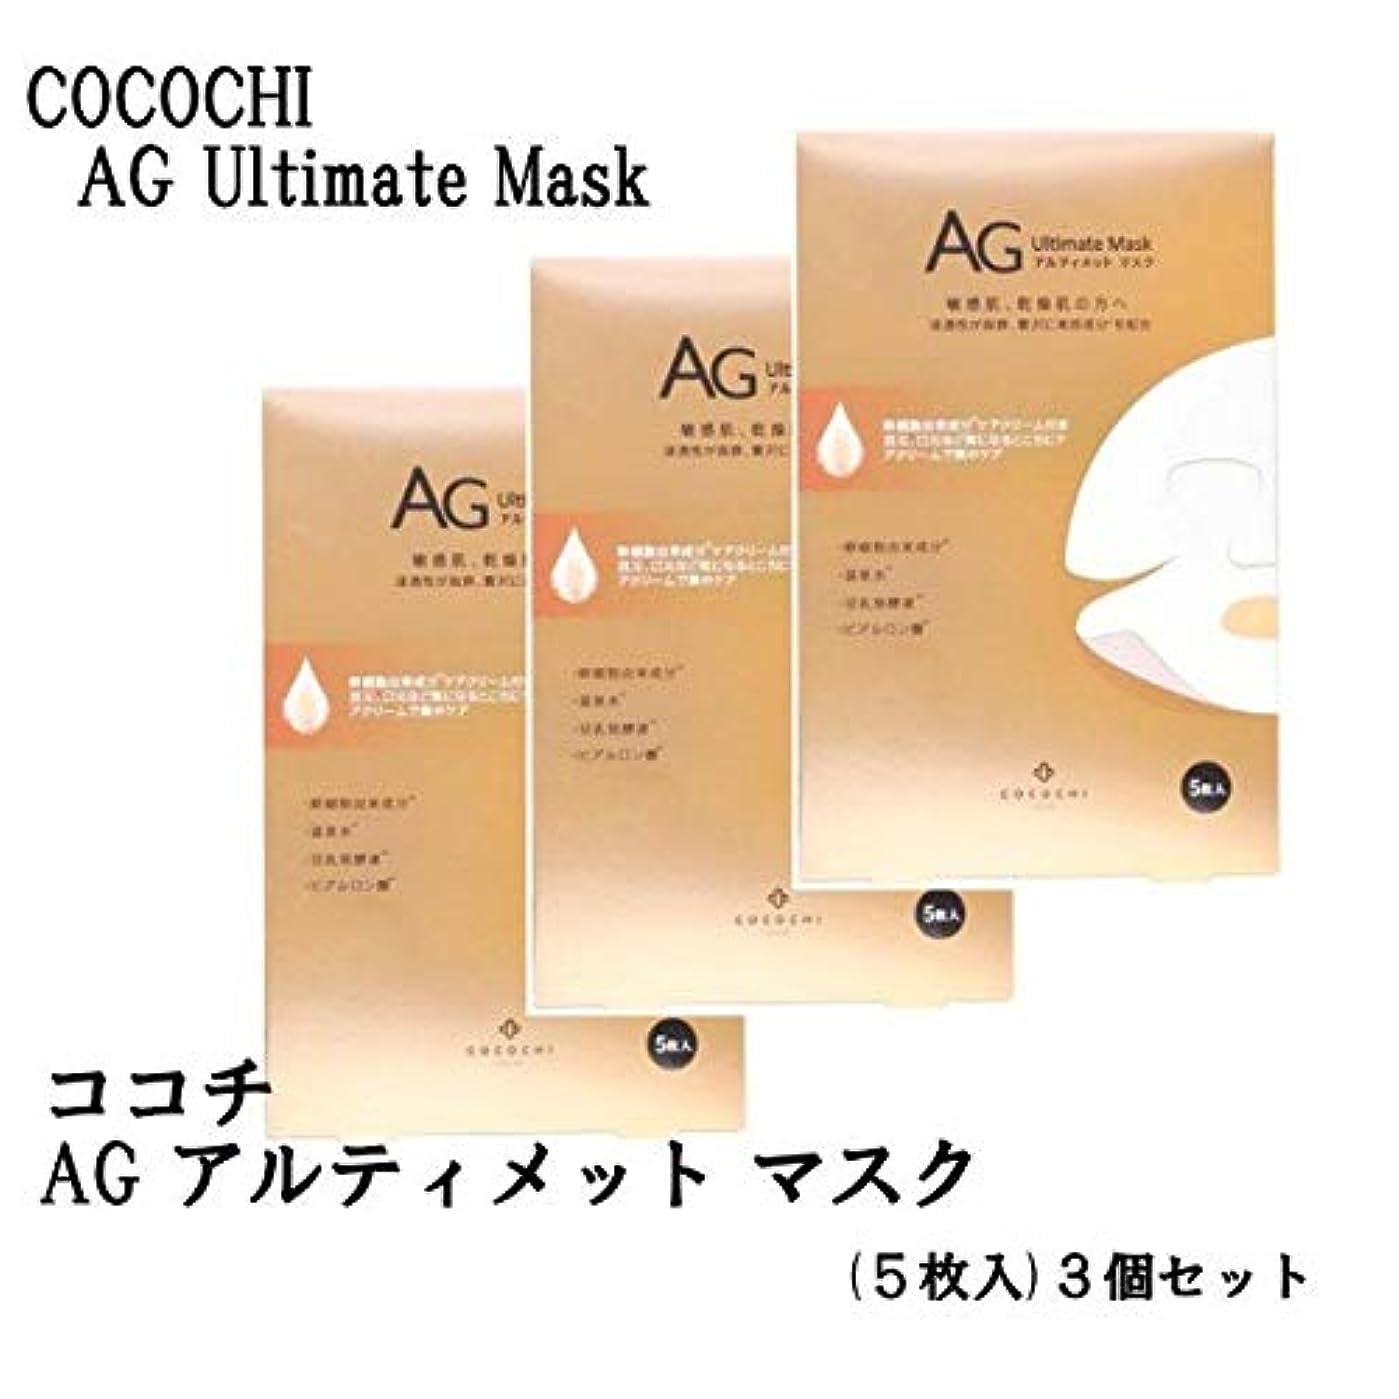 アブストラクト粘性の母性ココチ フェイシャルマスク 5枚入 3個セット